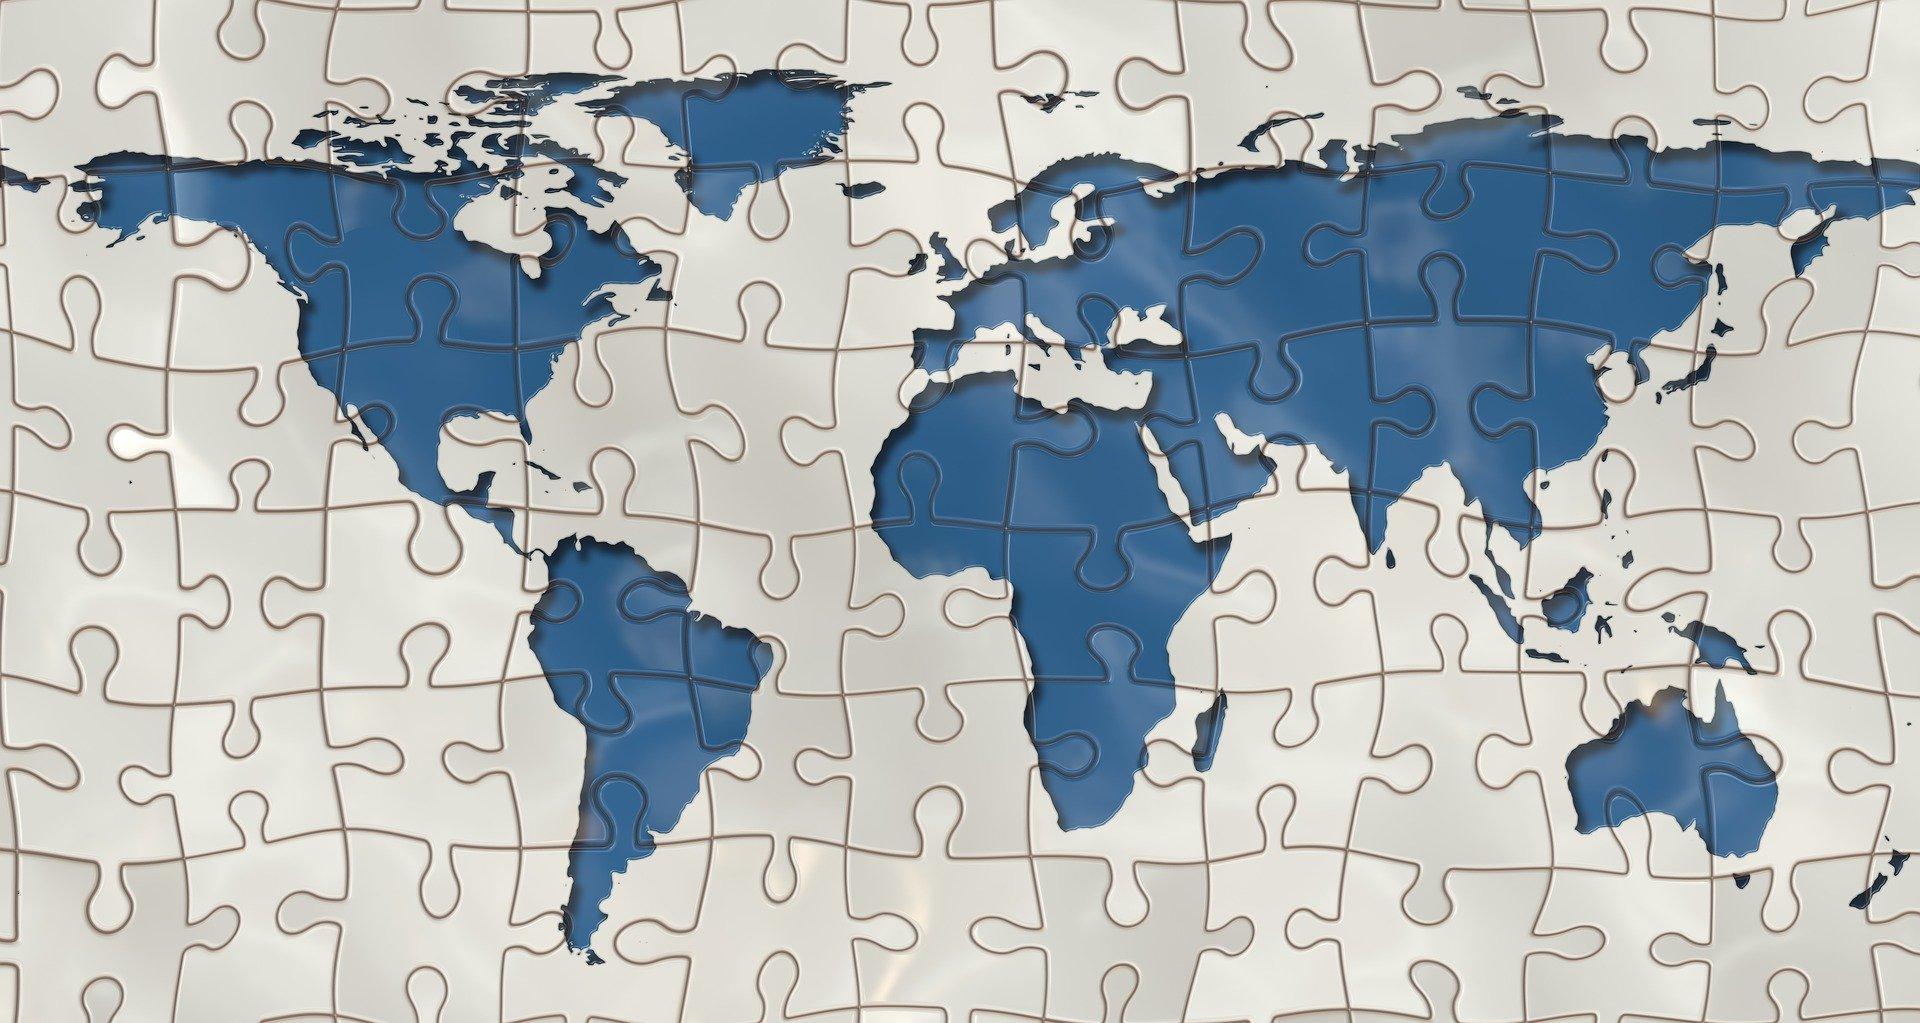 Werken in twee of meer jurisdicties: 'Durf buiten de grenzen te denken' - Mr. online